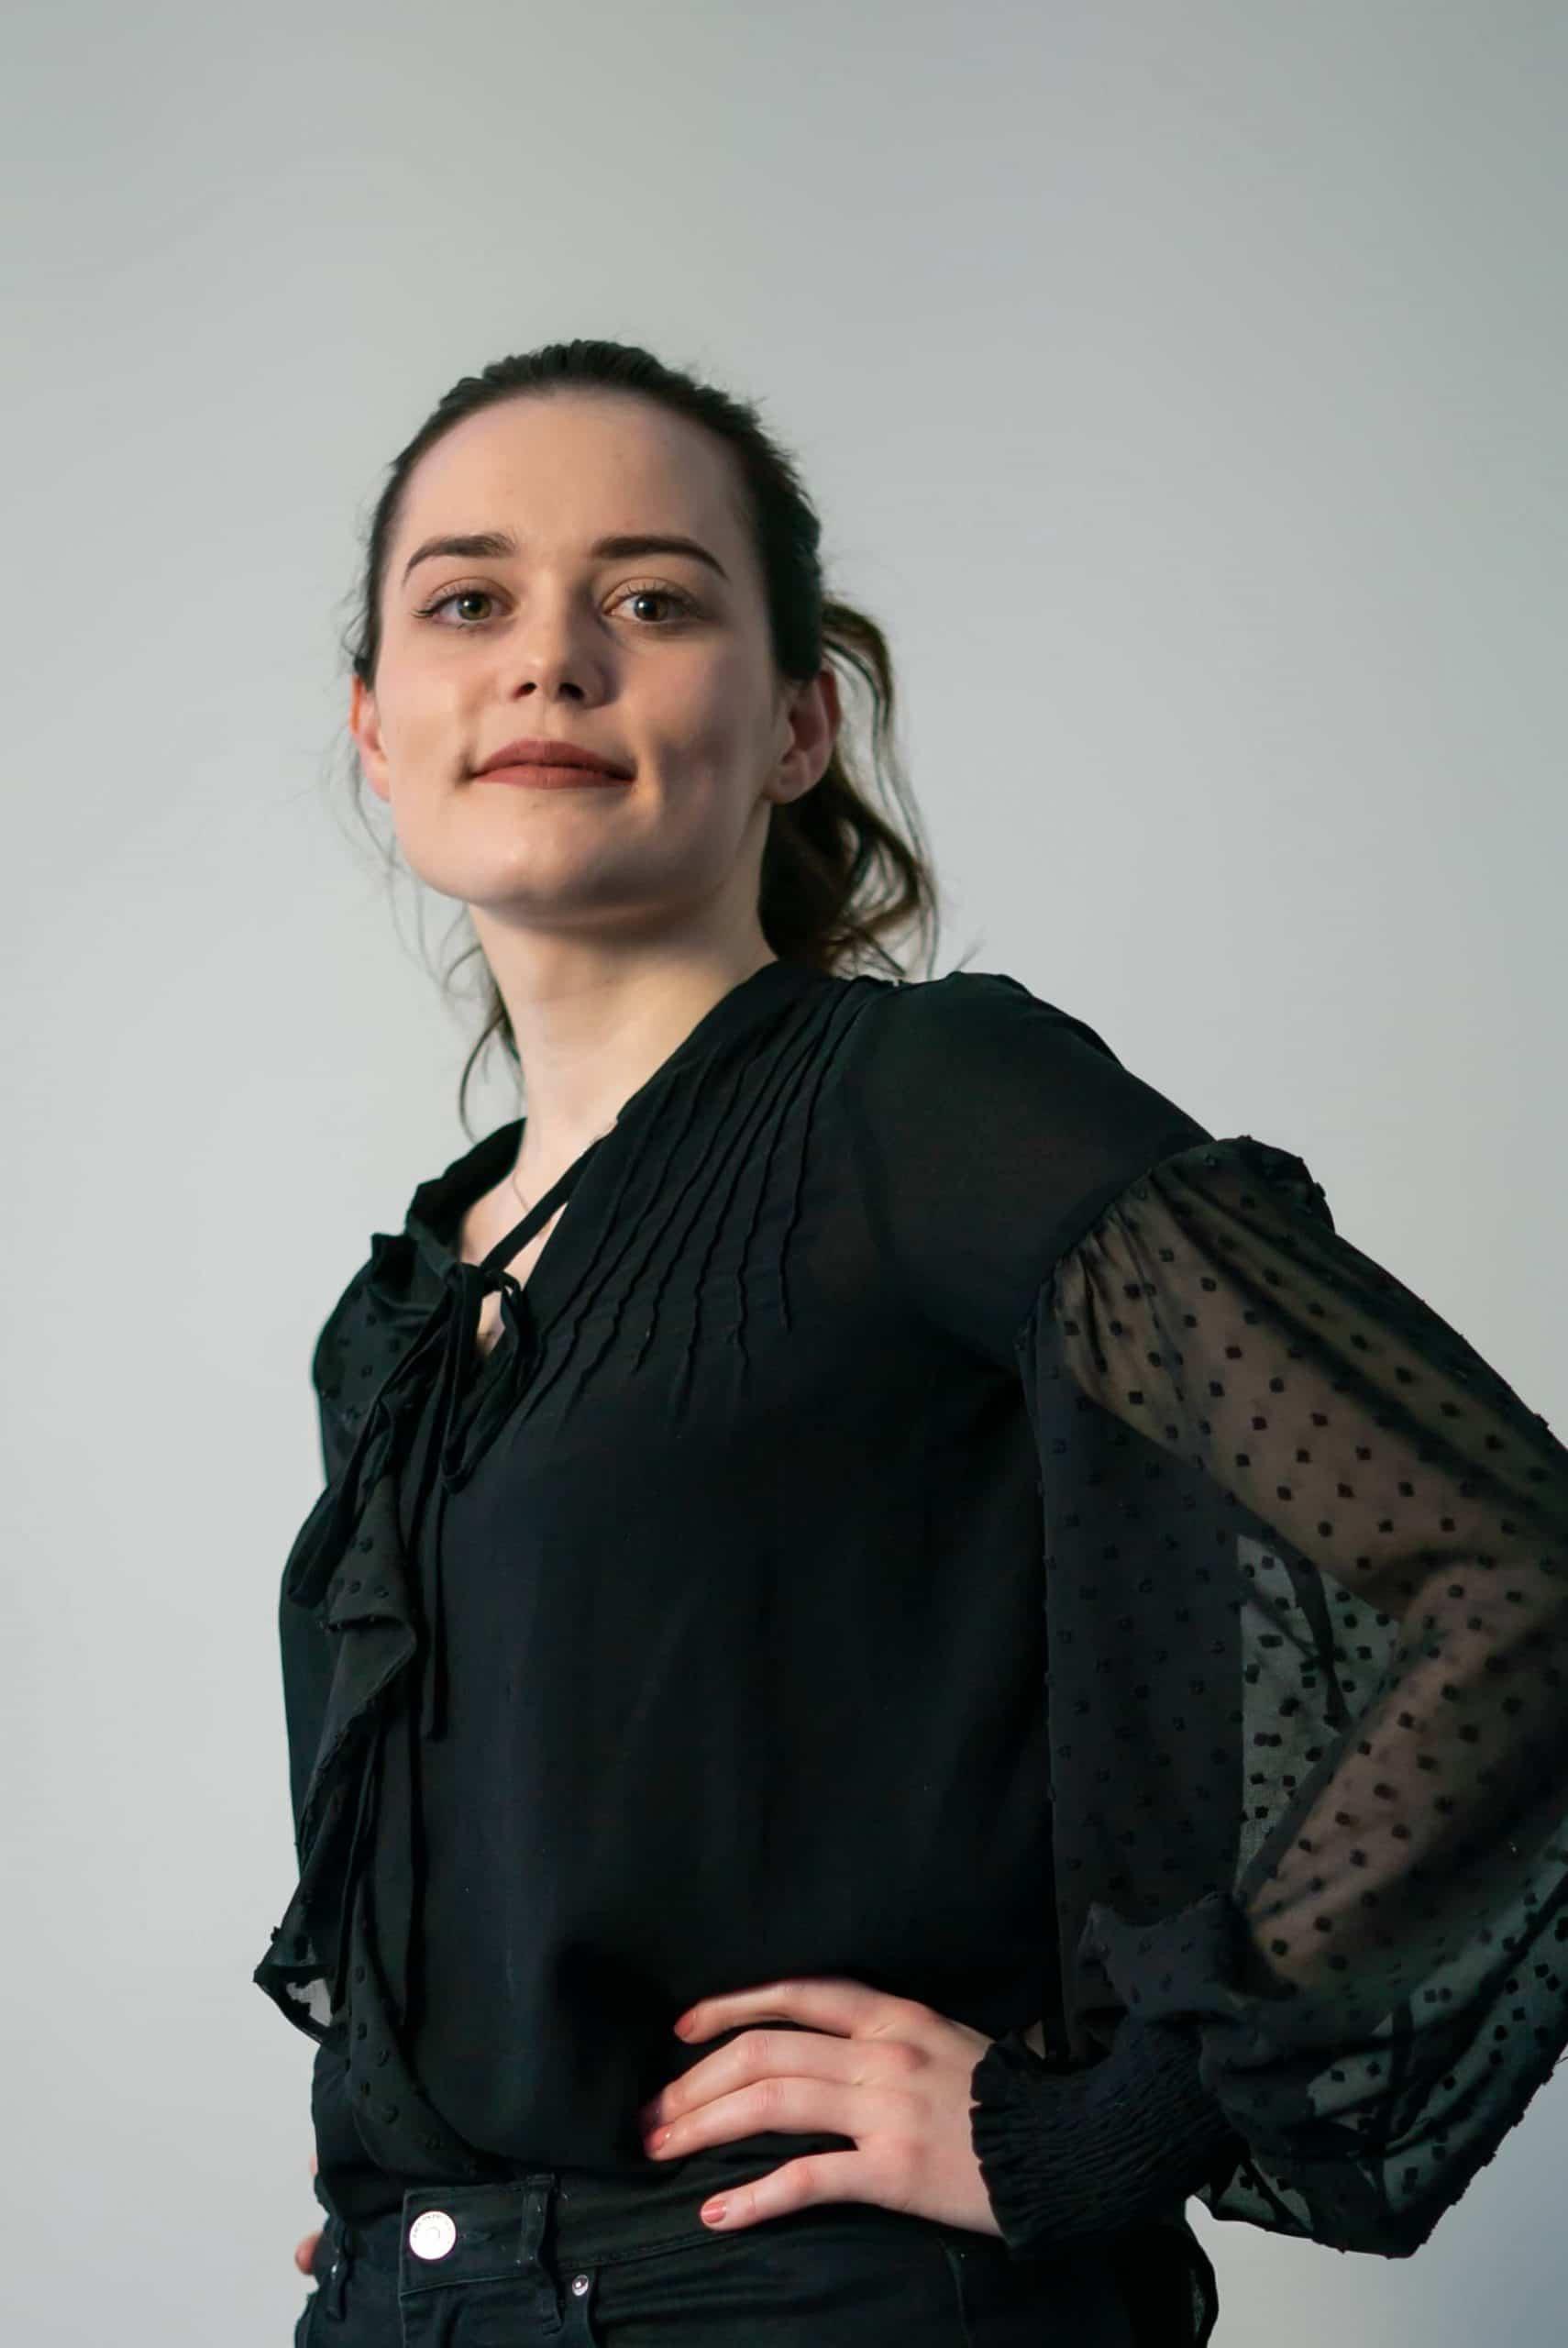 Agata Krasoń